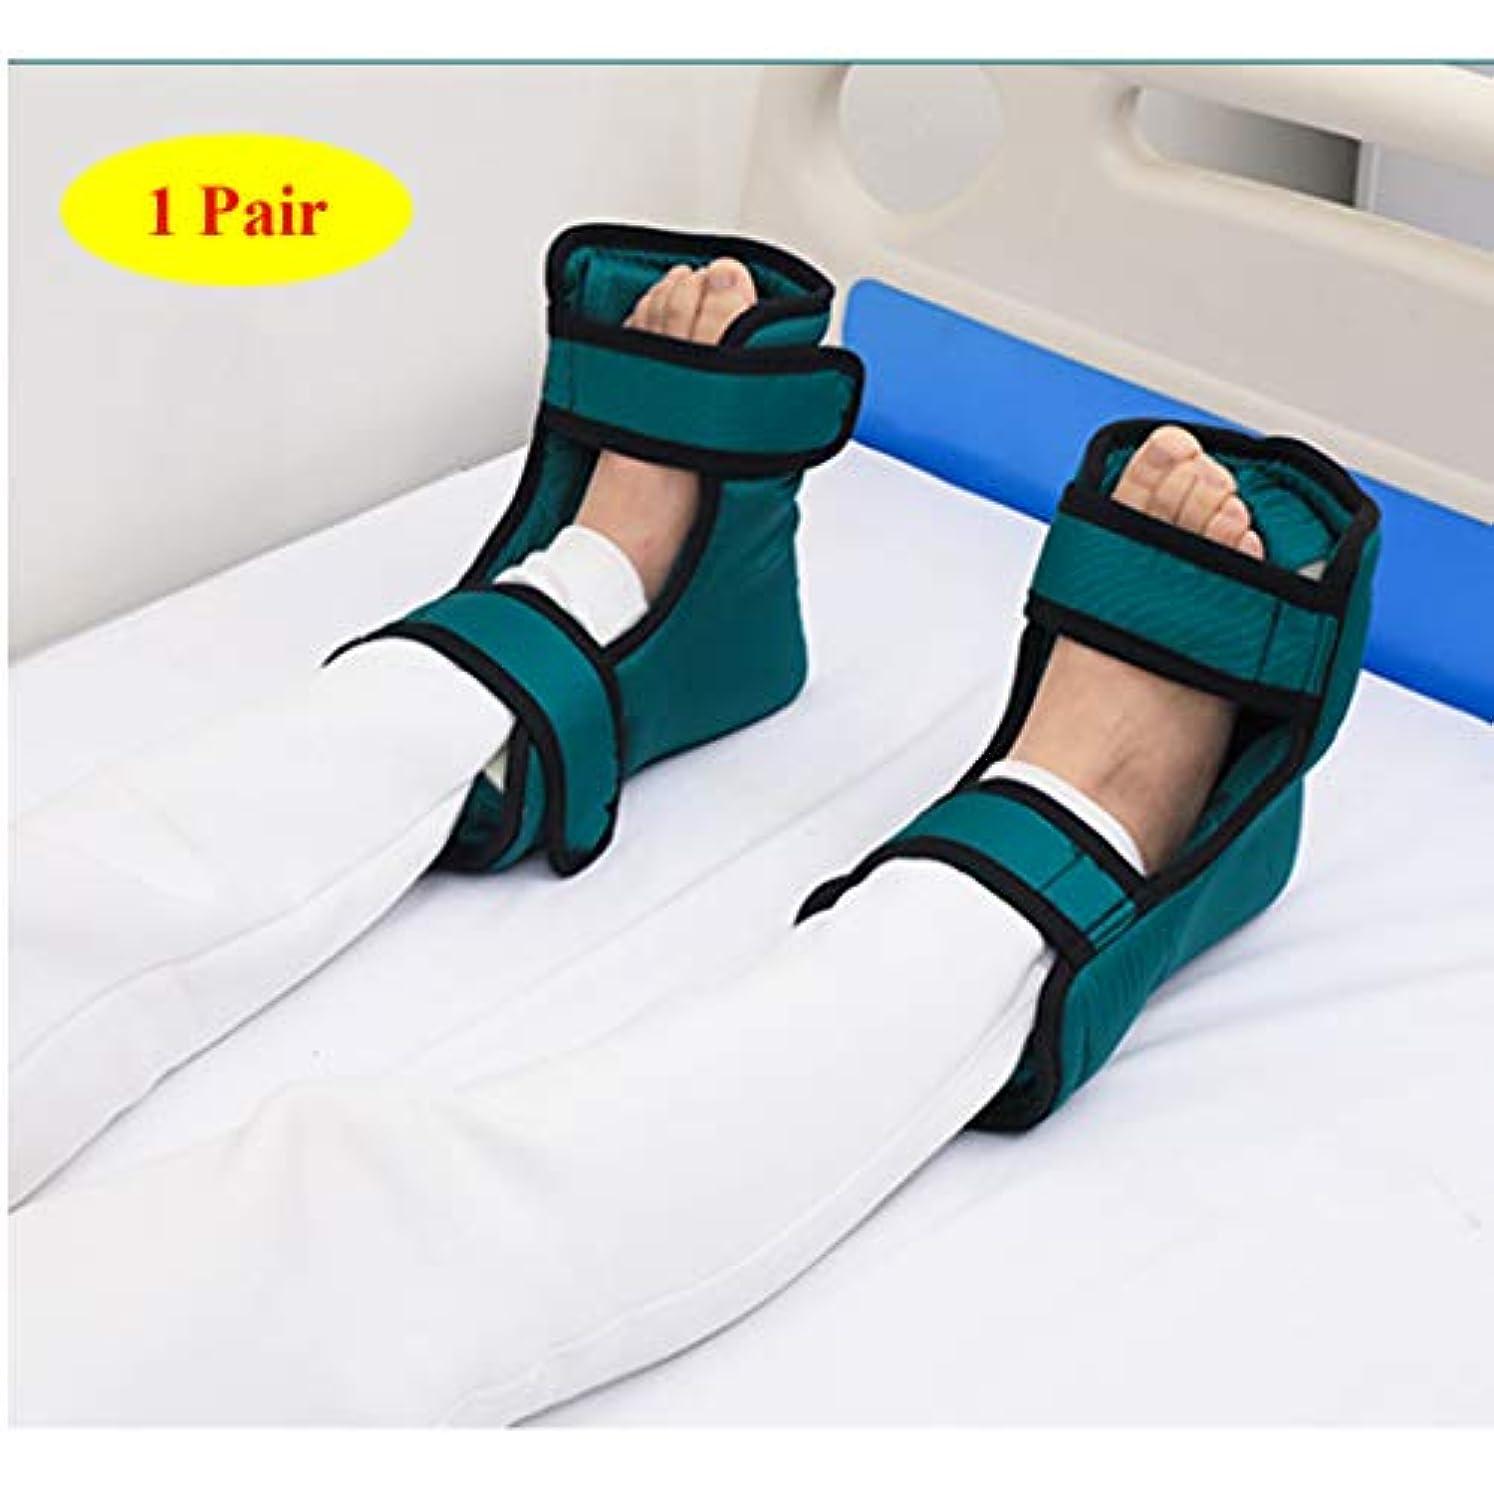 フラフープこっそりボートヒールクッションプロテクター1ペア - ヒールブーツ保護 - 足と足首の枕パッドガード - 足を保護する、肘、かかと - ベッド&褥瘡